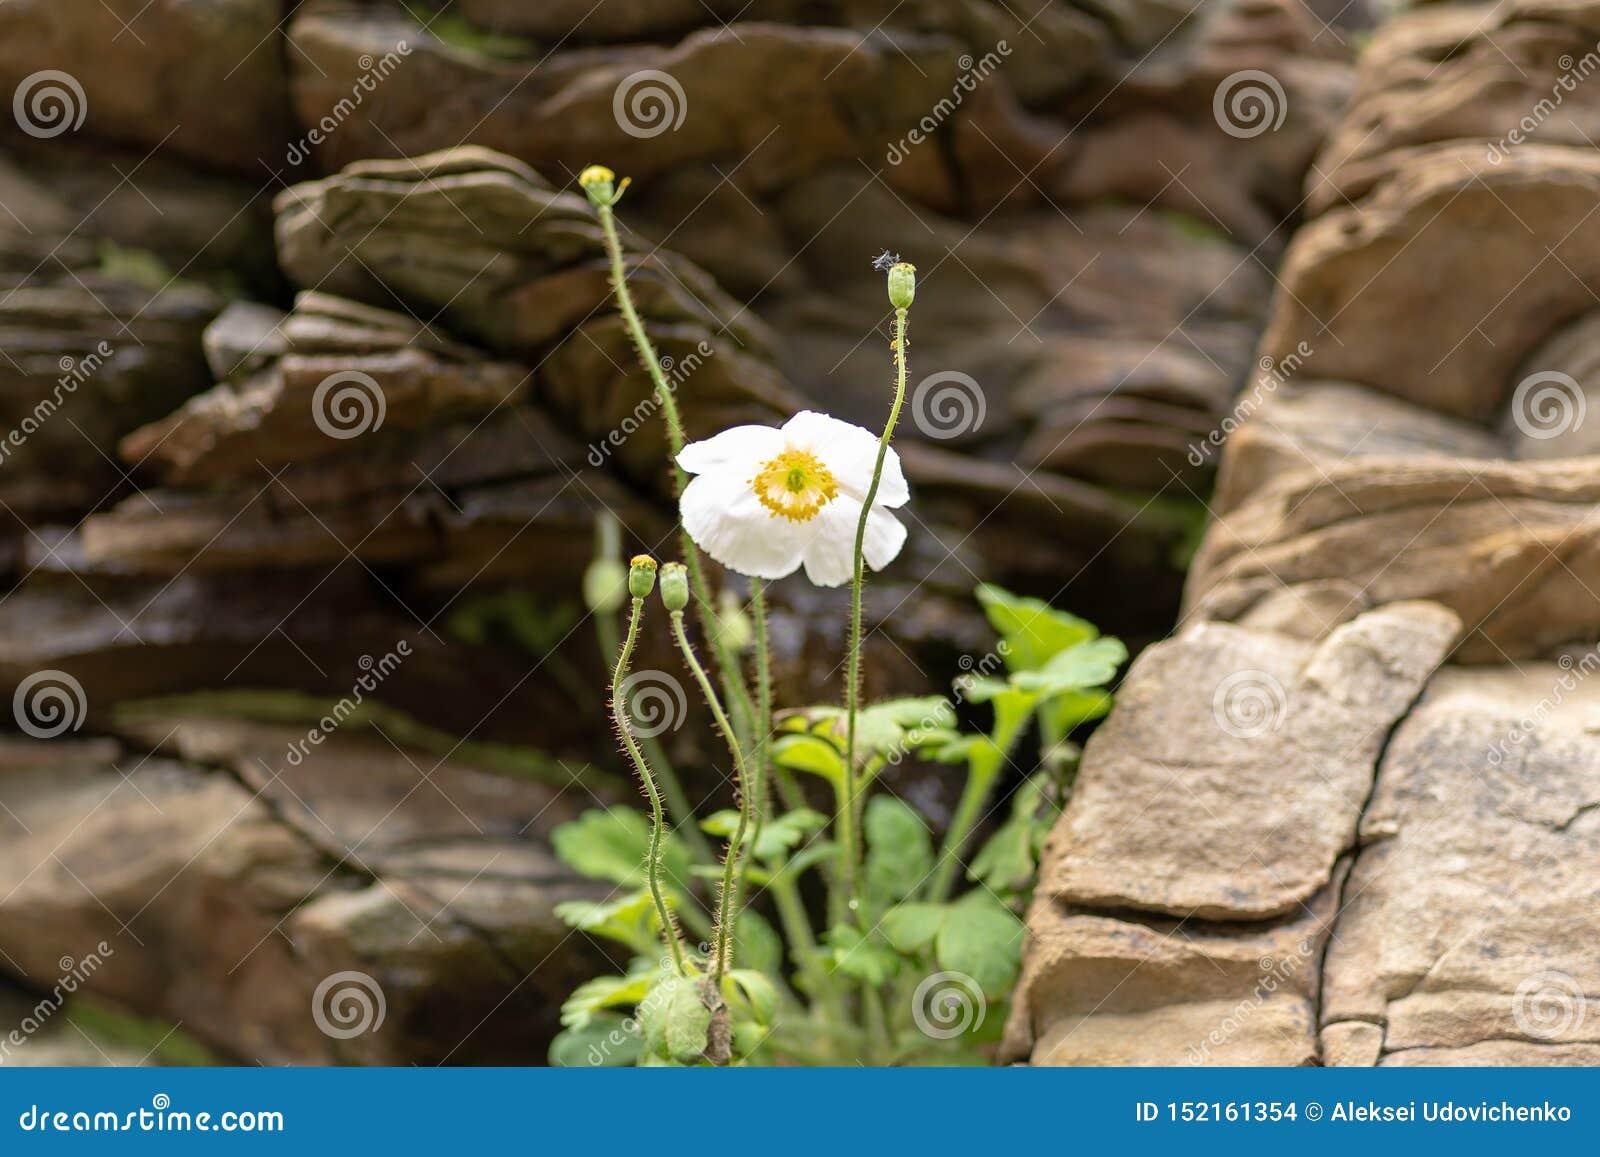 Flor branca contra um contexto de pedras rochosas